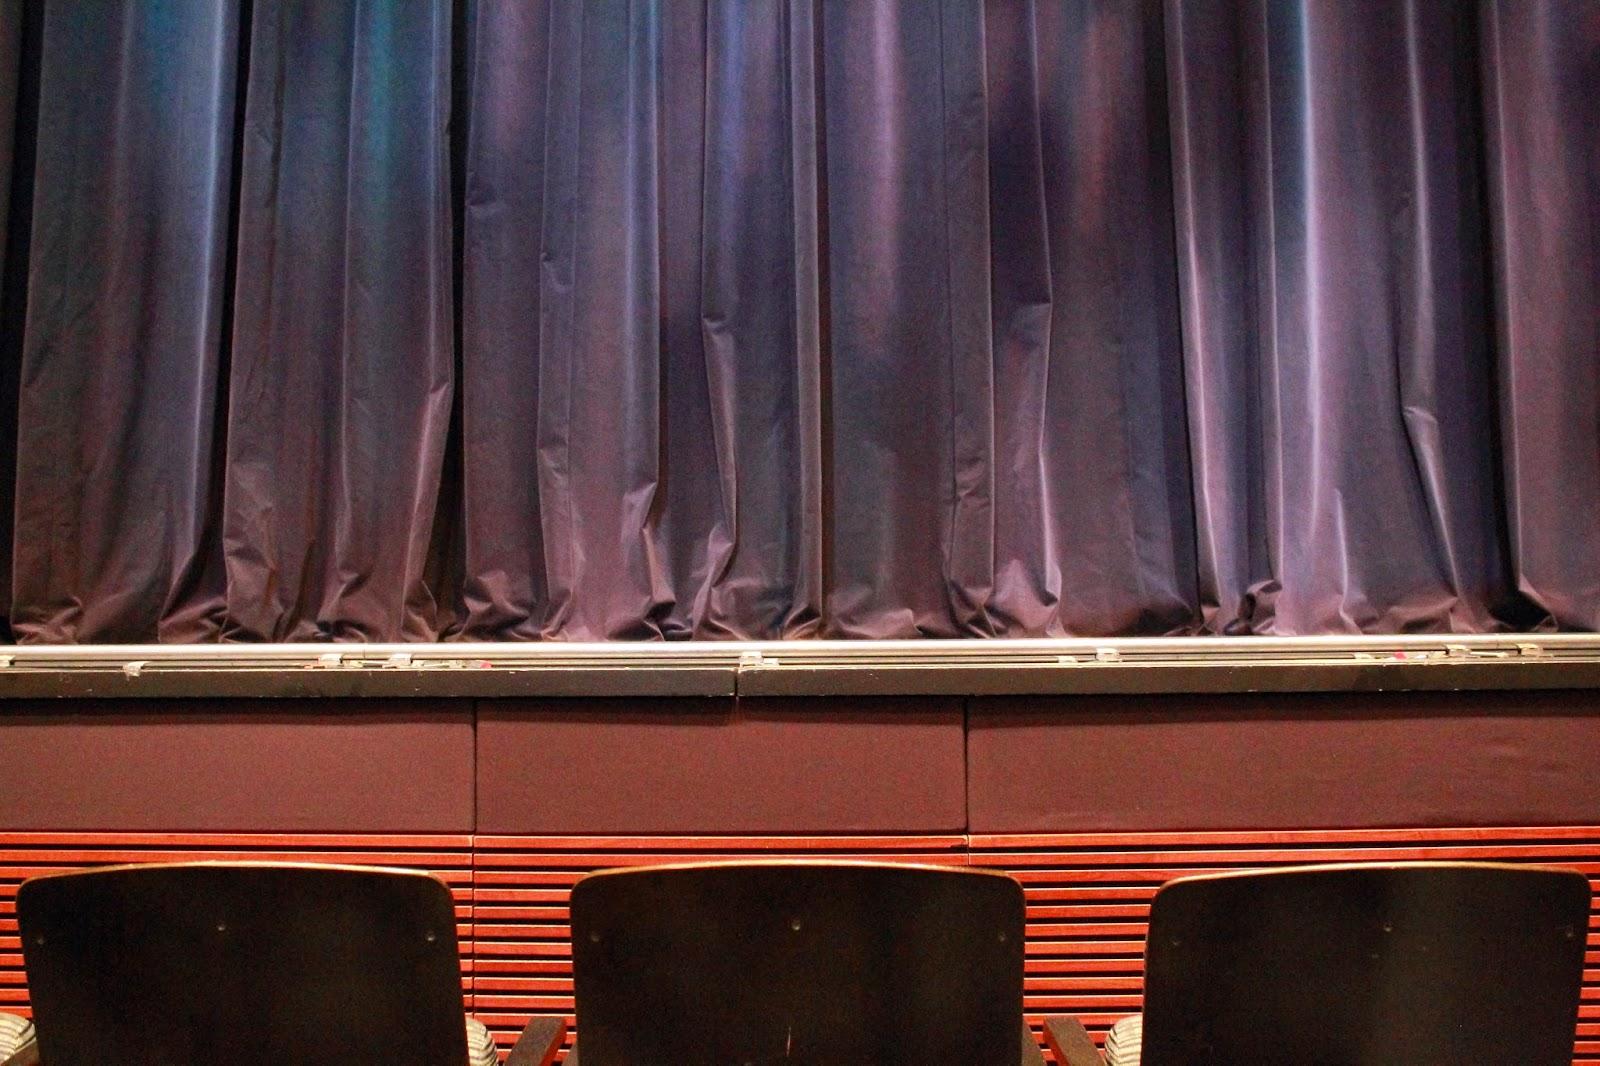 Jubilee Auditorium Edmonton